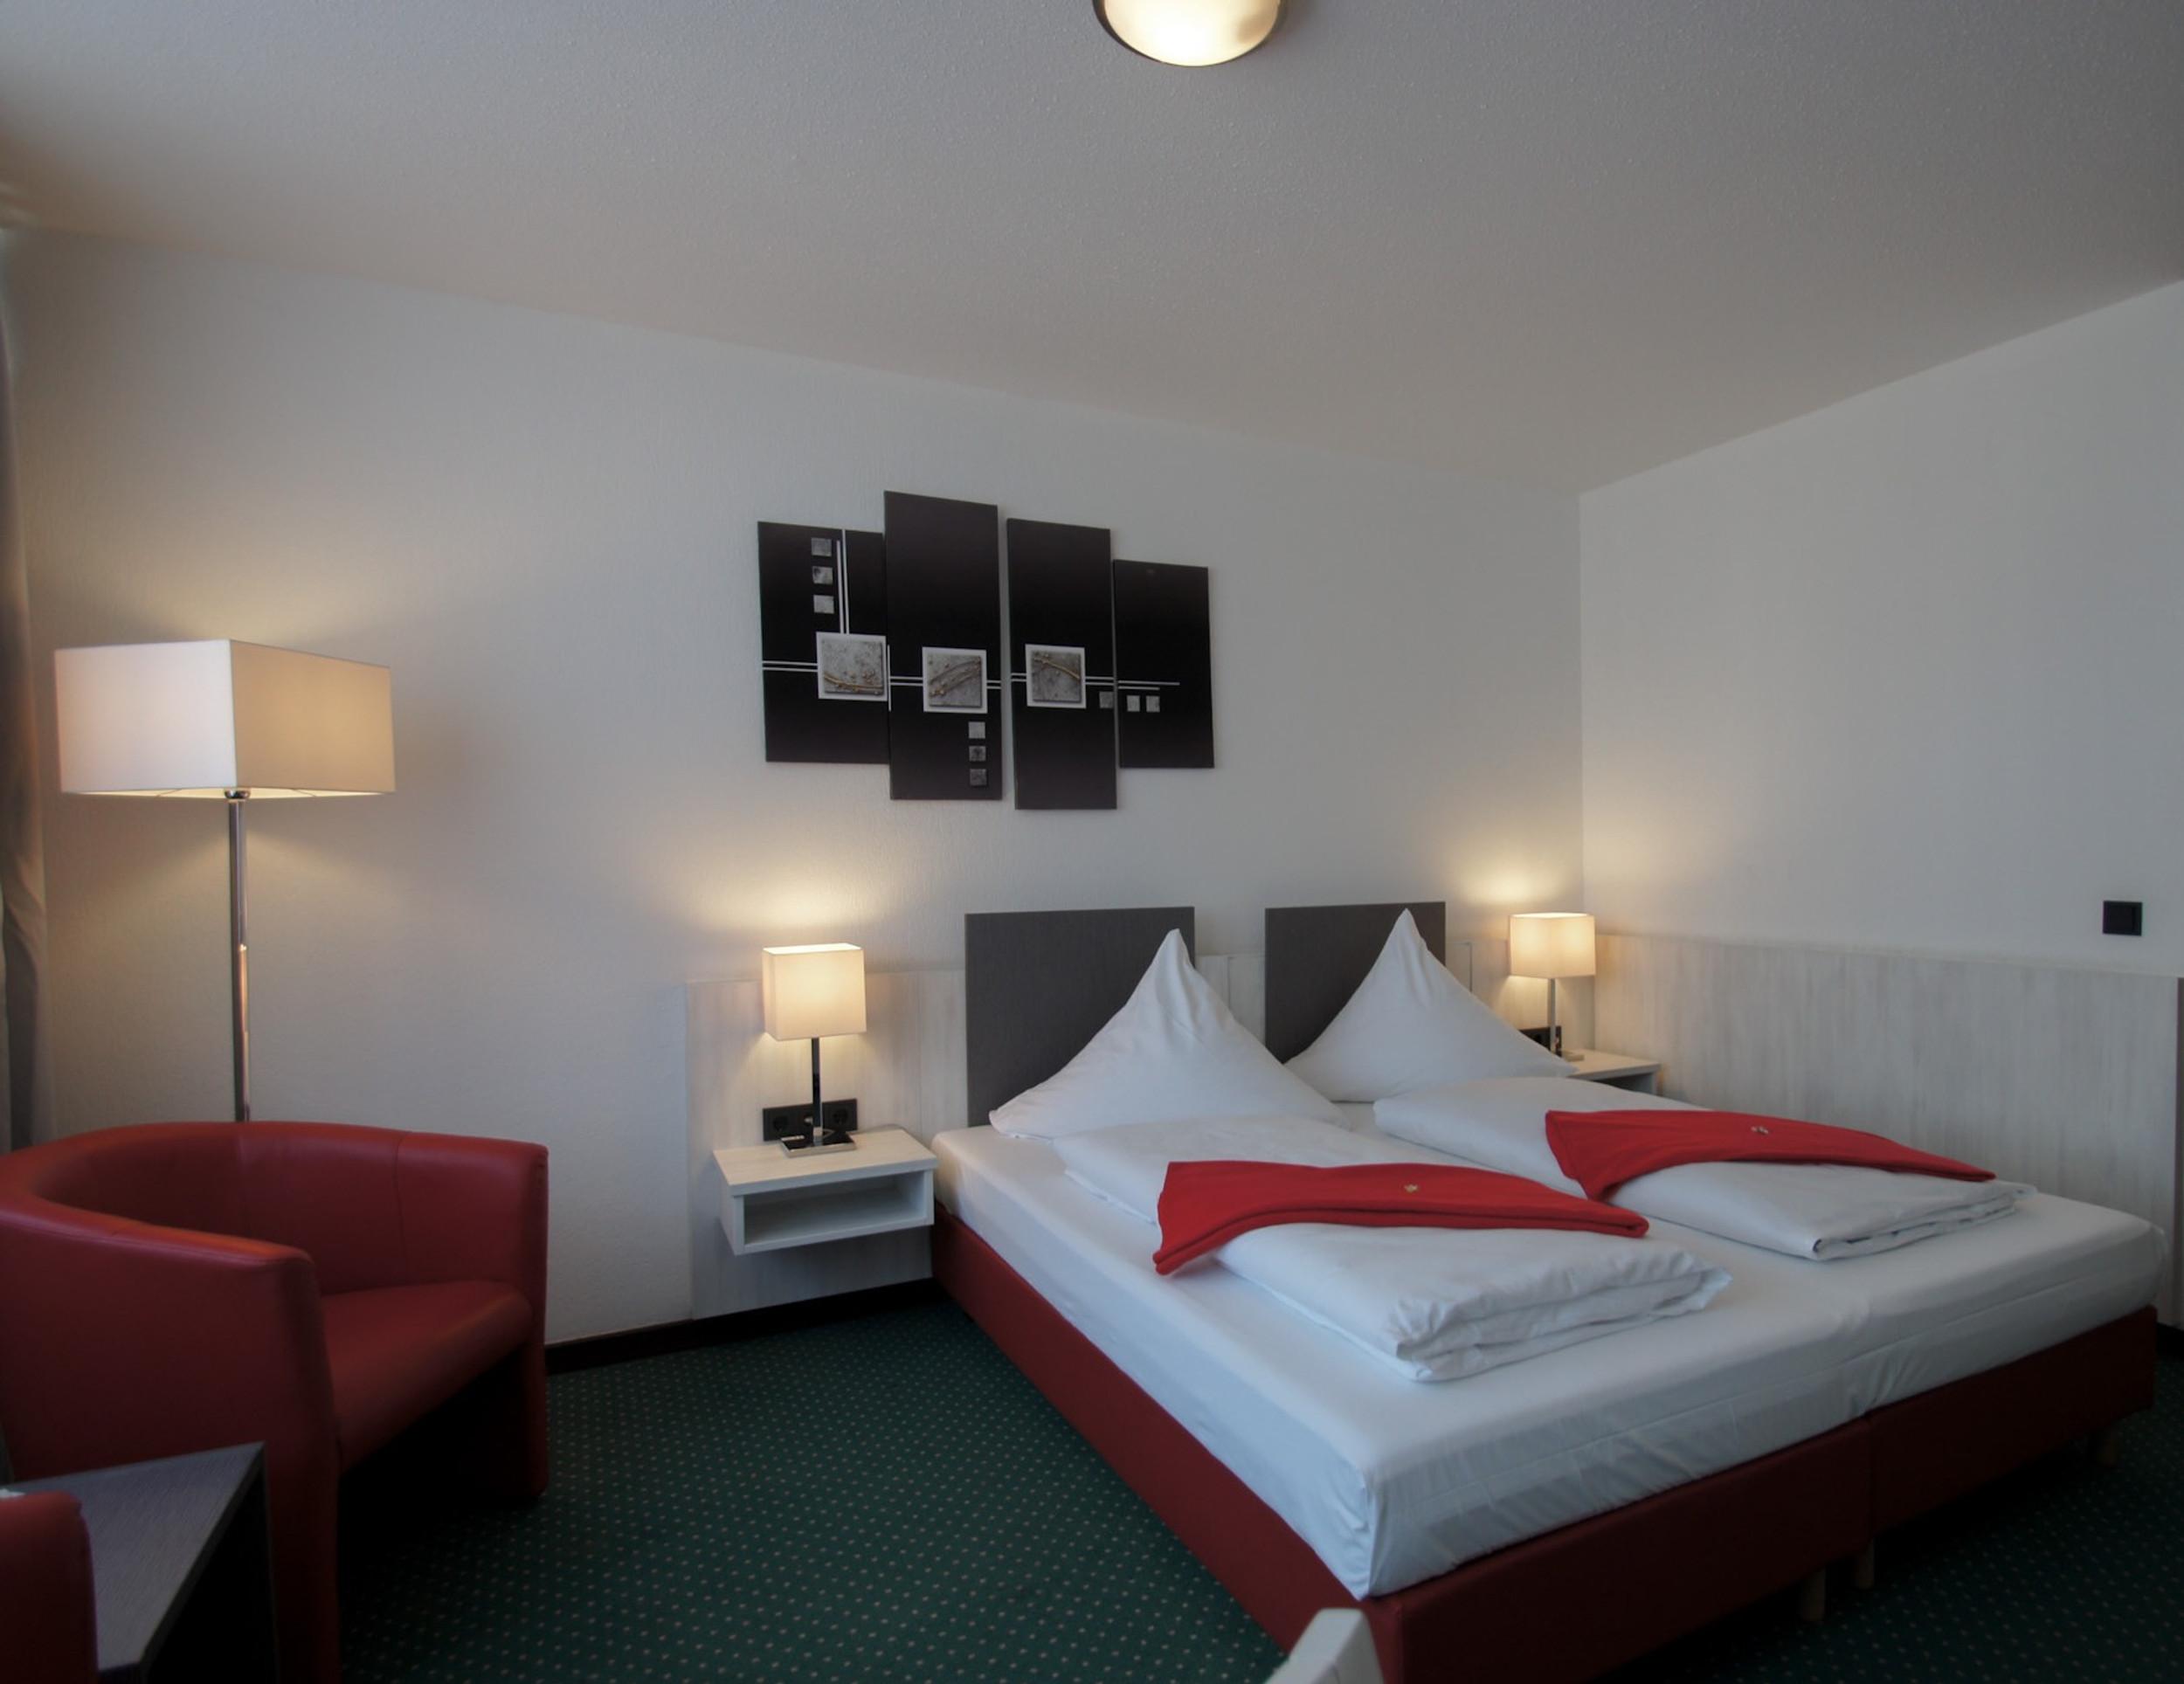 www.brenner-hotel-bielefeld.de